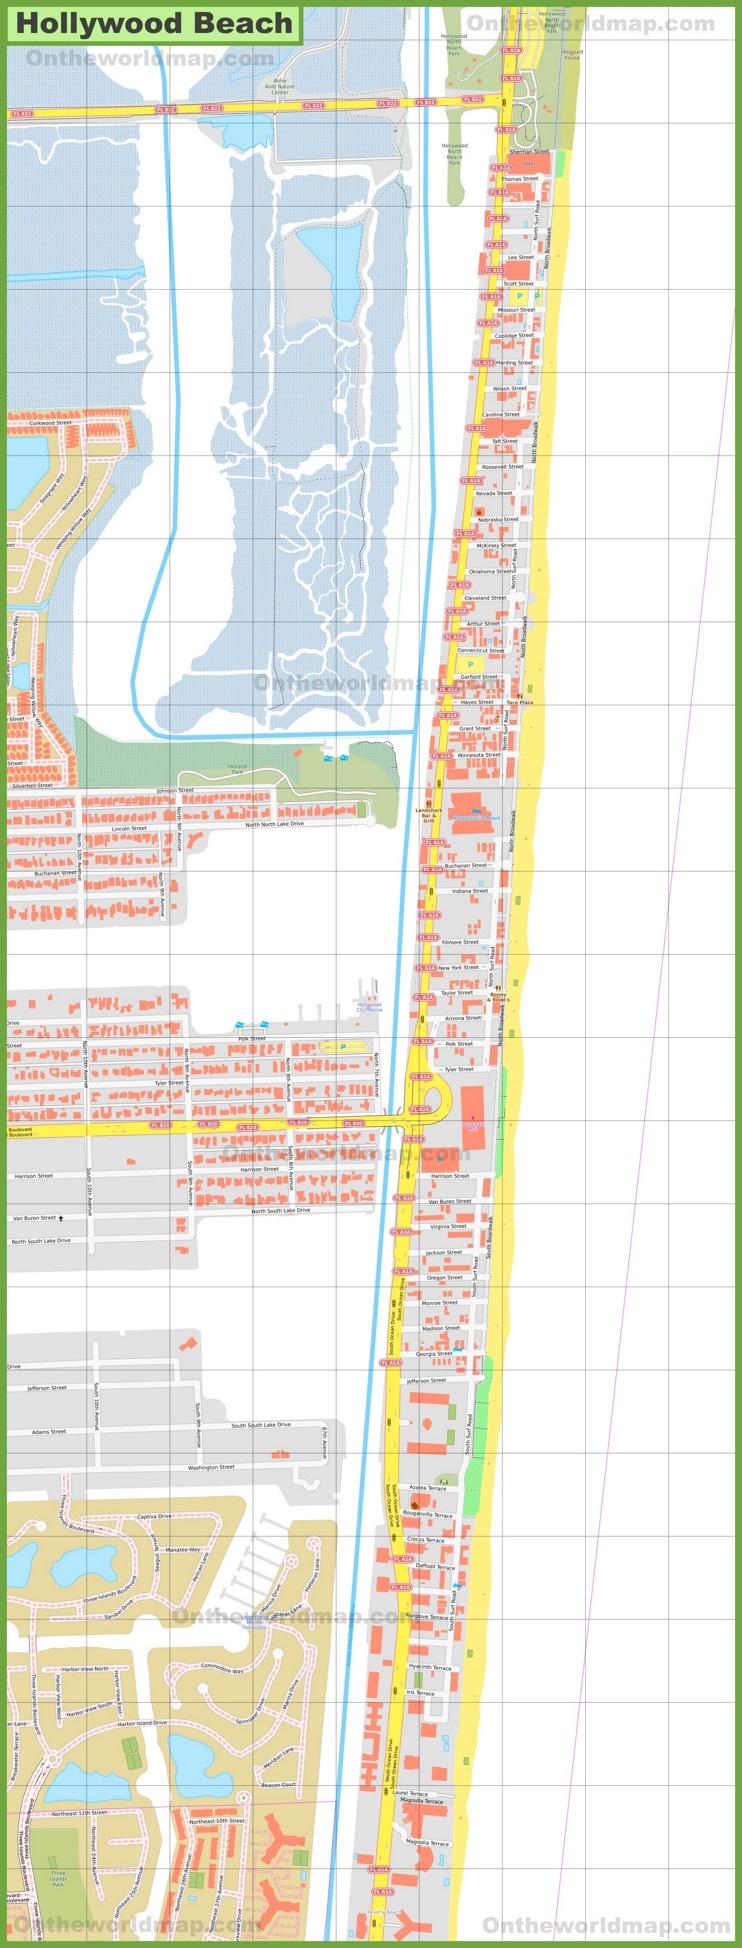 Hollywood Beach map